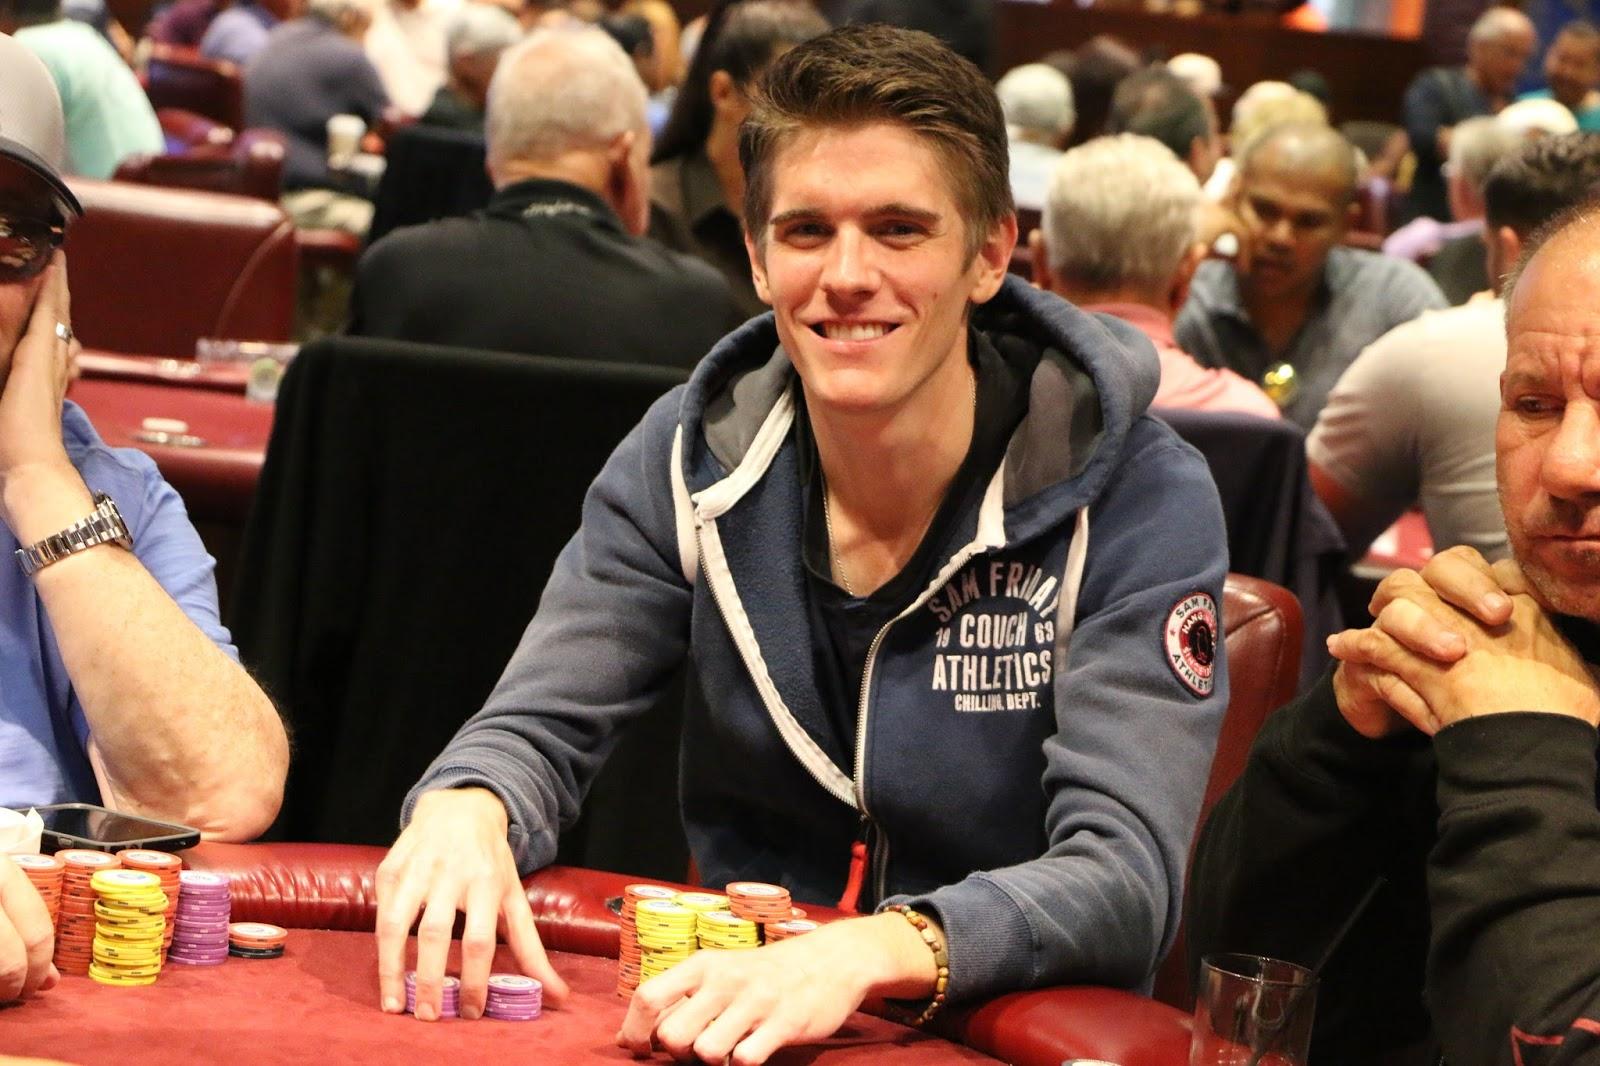 Isle casino poker high hand free movie tune